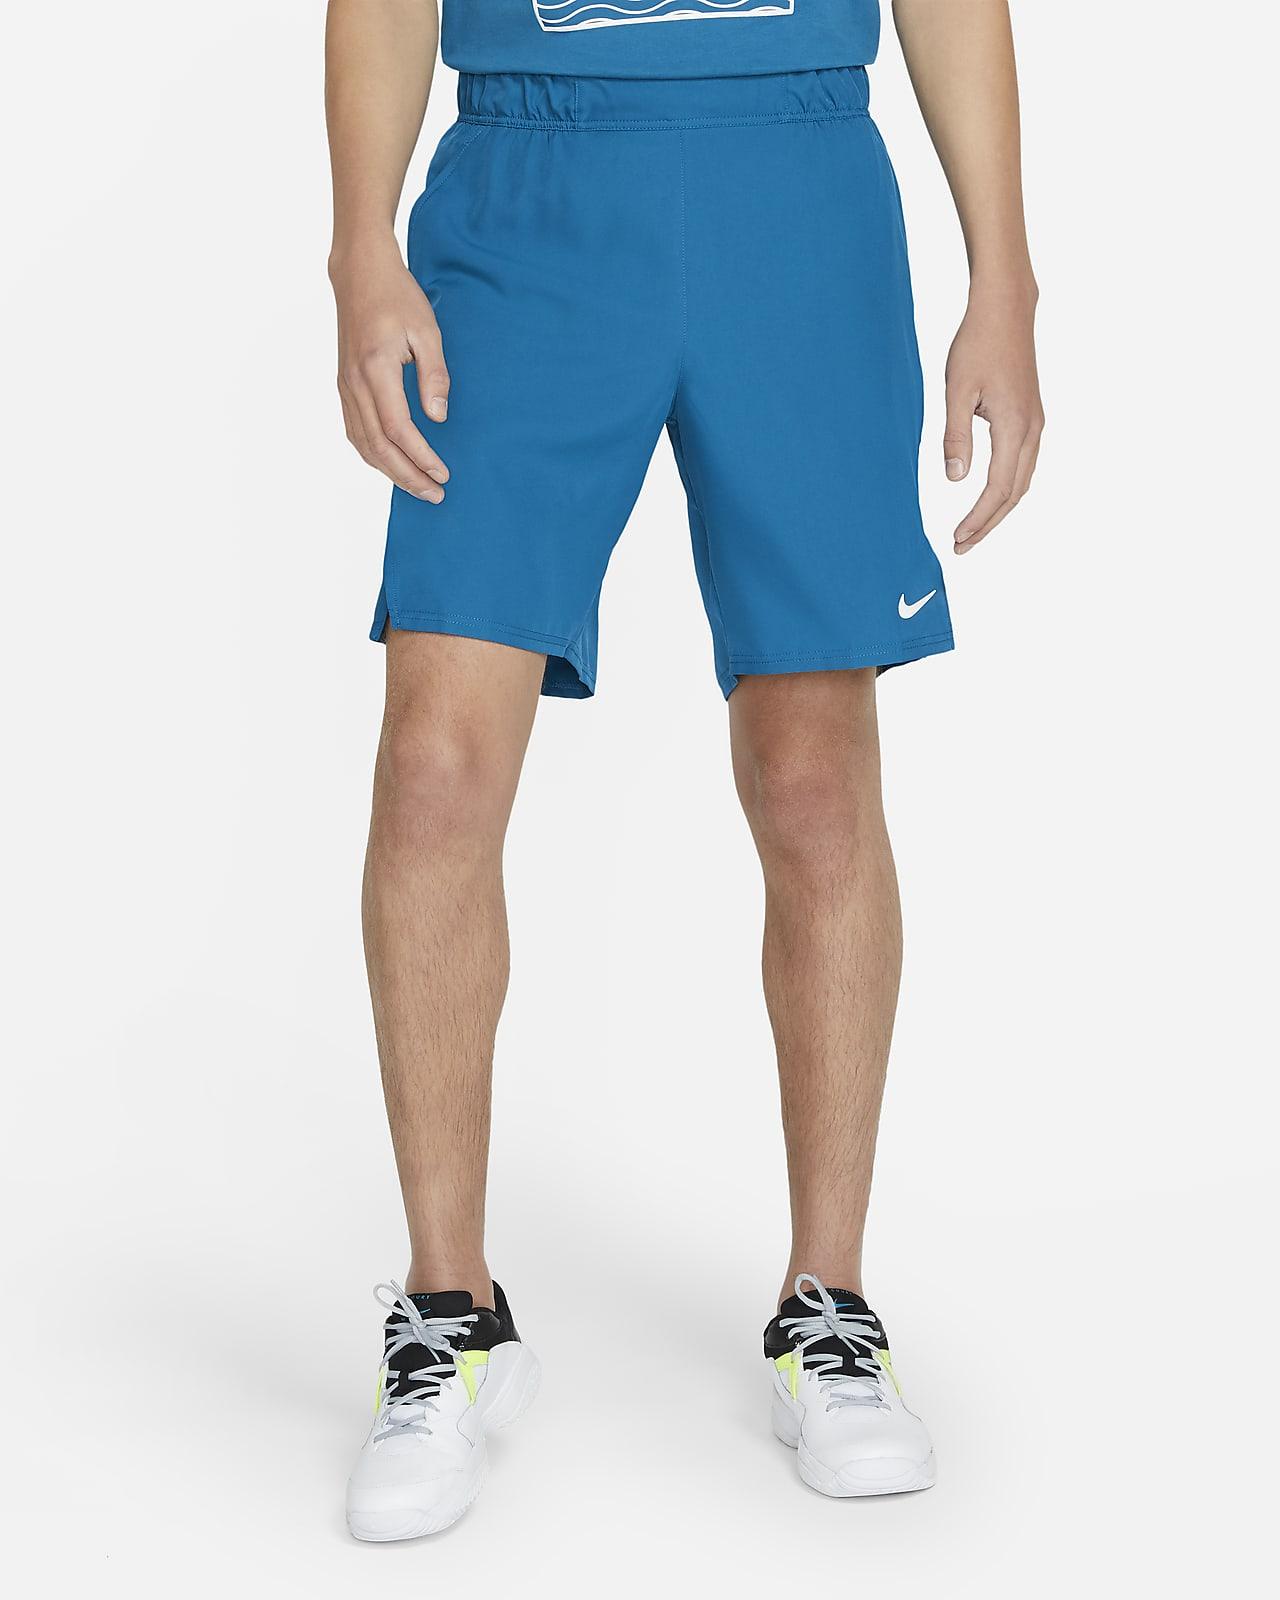 NikeCourt Dri-FIT Victory Pantalons curts de tennis de 23 cm - Home